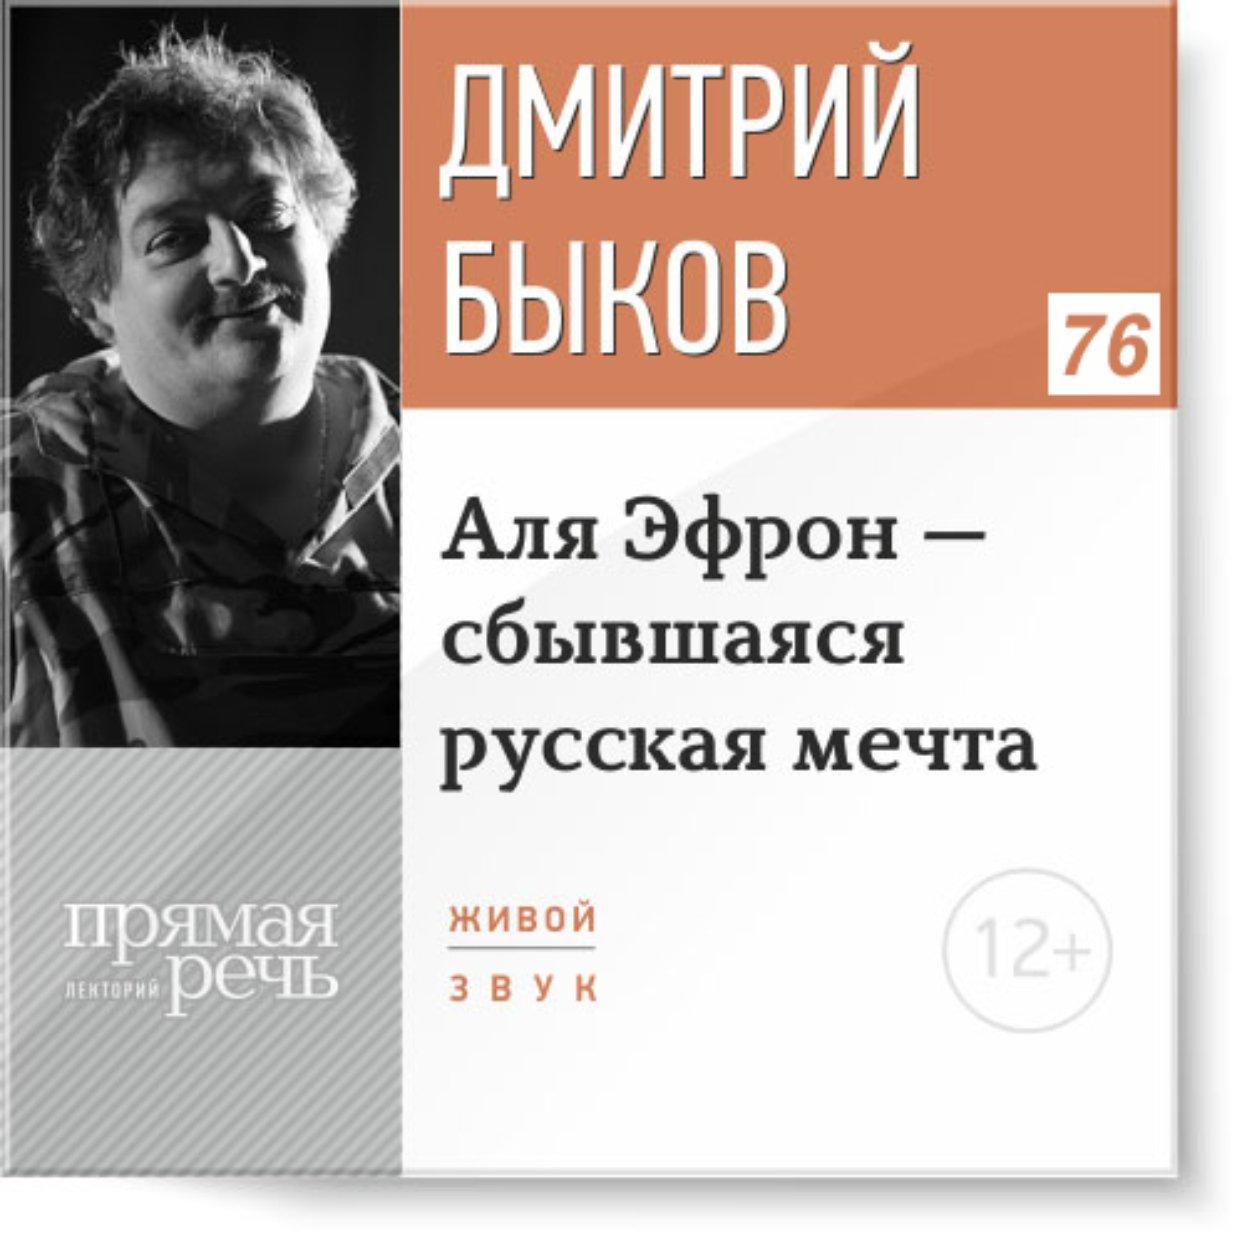 Аля Эфрон - сбывшаяся русская мечта. Часть 2